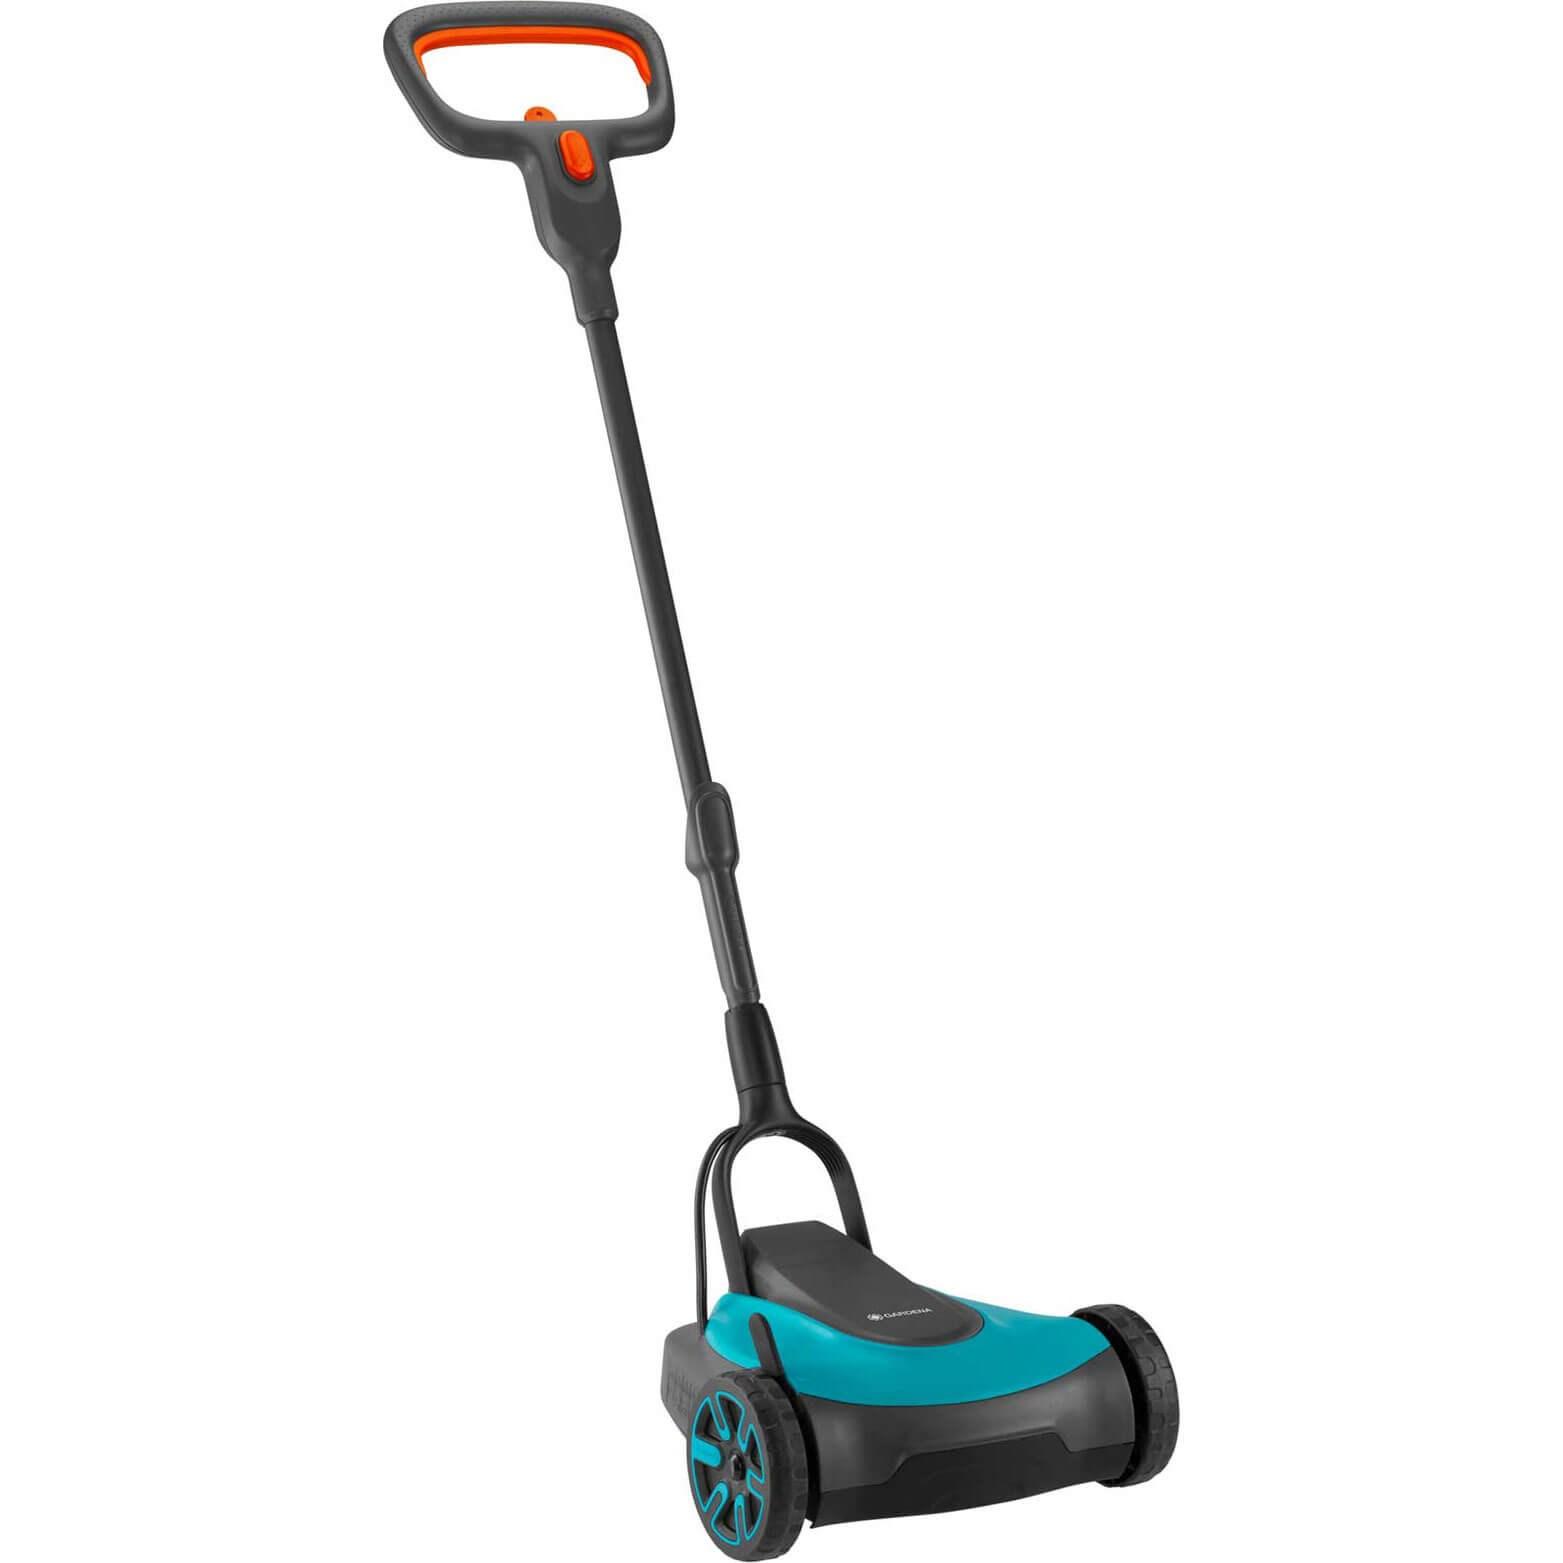 GDA 5023 55 Gardena HANDYMOWER 18v Lawnmower - Gardena 18 V Cordless Grass Trimmer